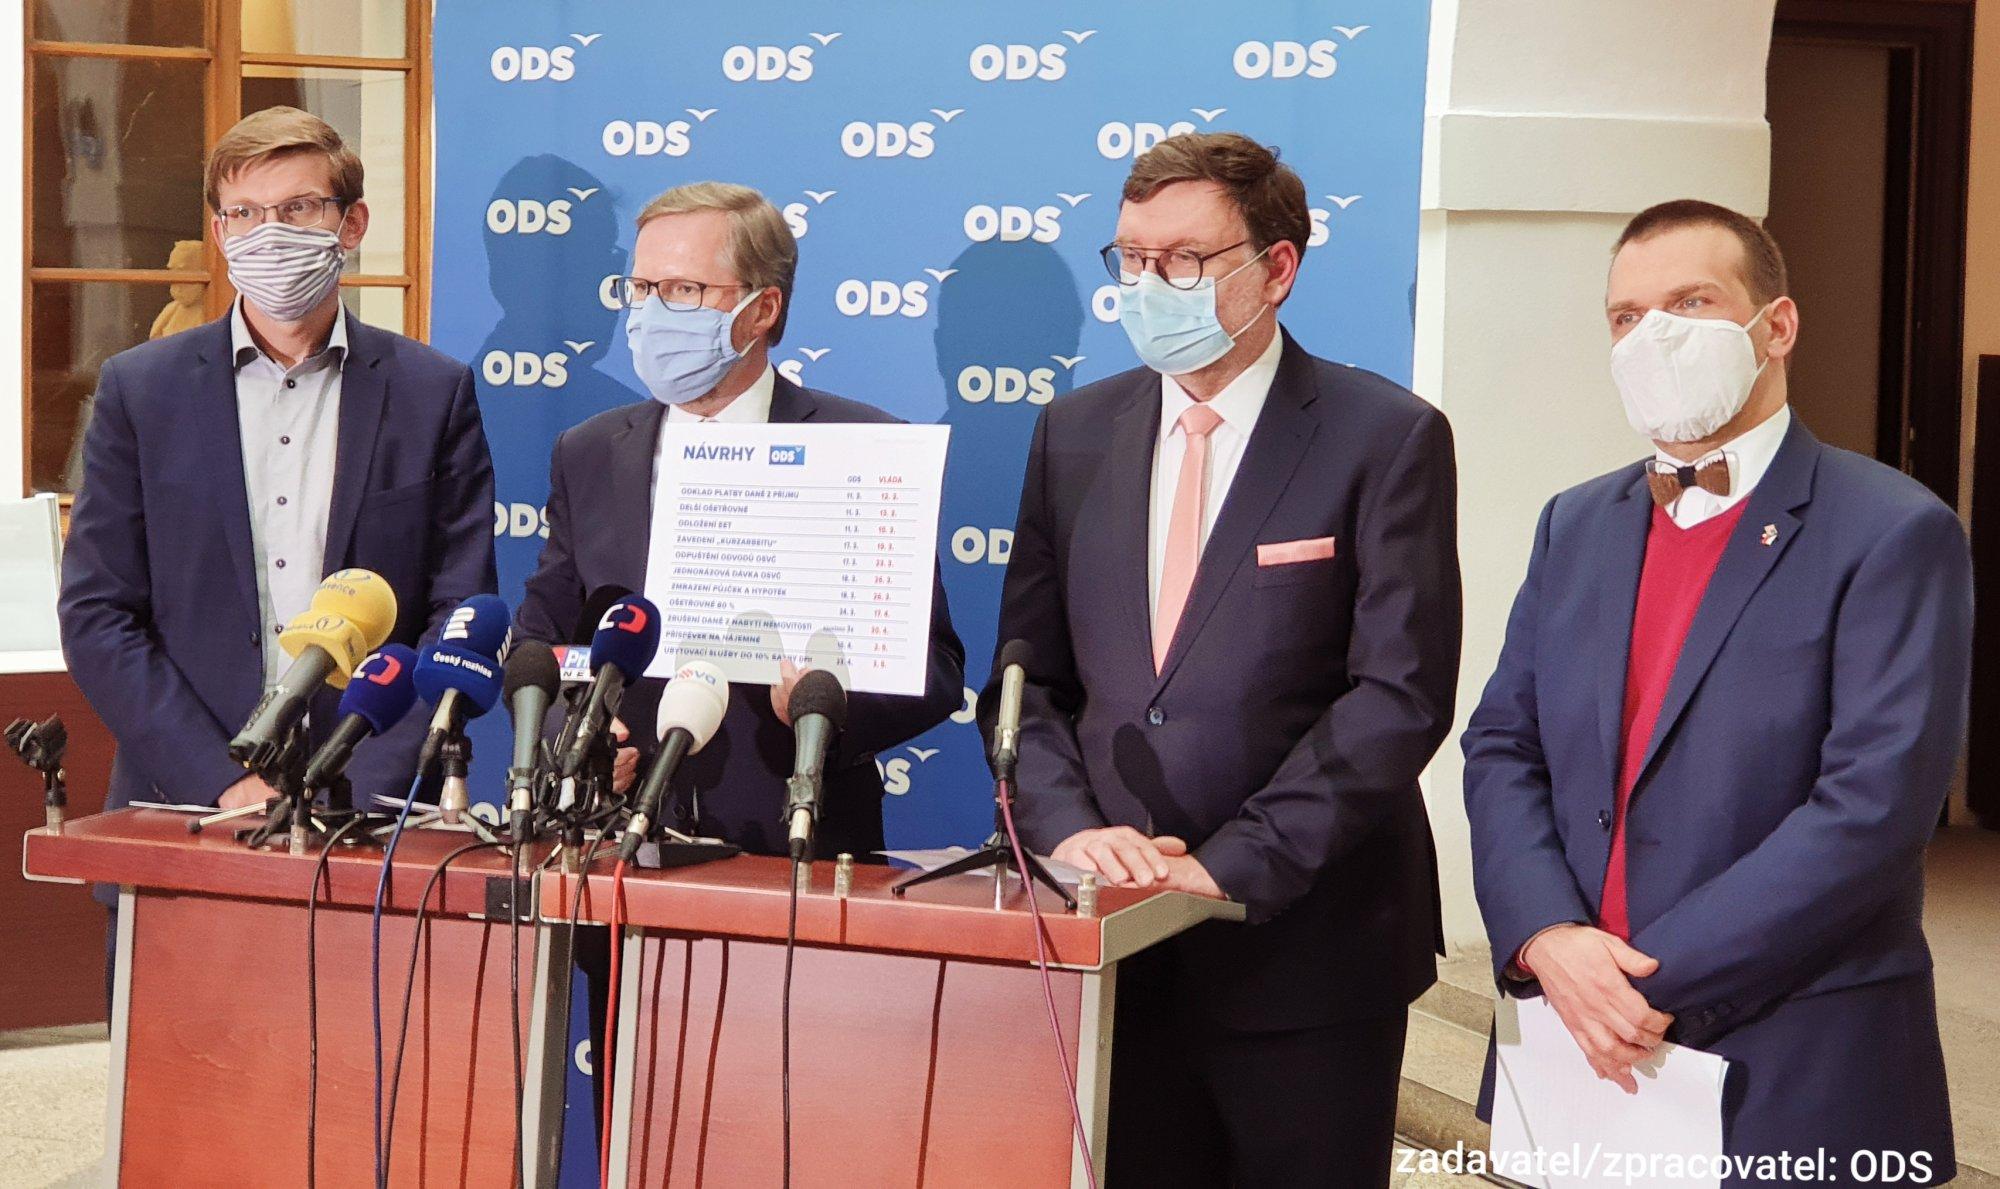 Vláda přichází s návrhem ODS k EET po 48 dnech